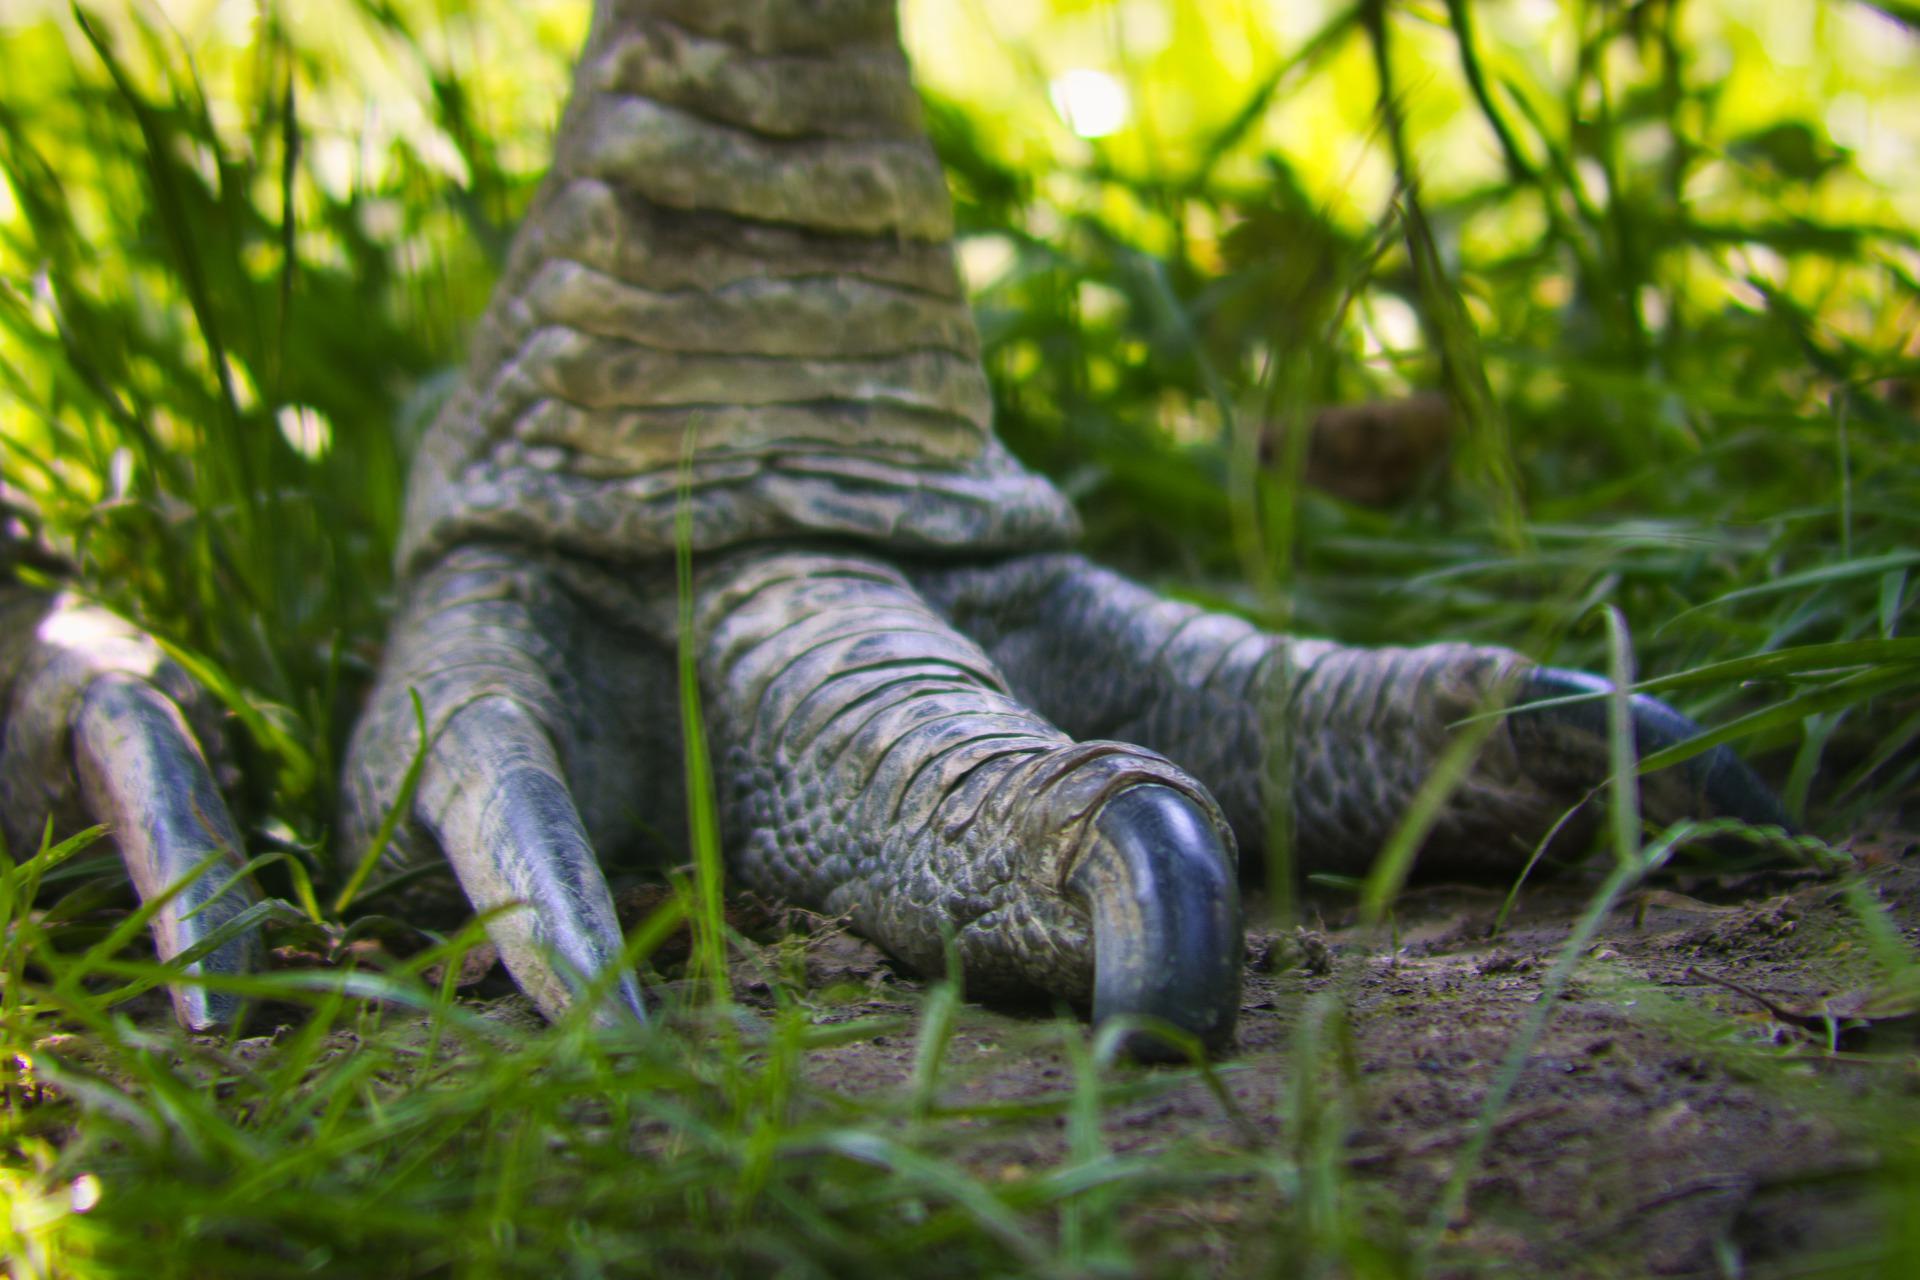 cassowary-feet-g89af8e006_1920